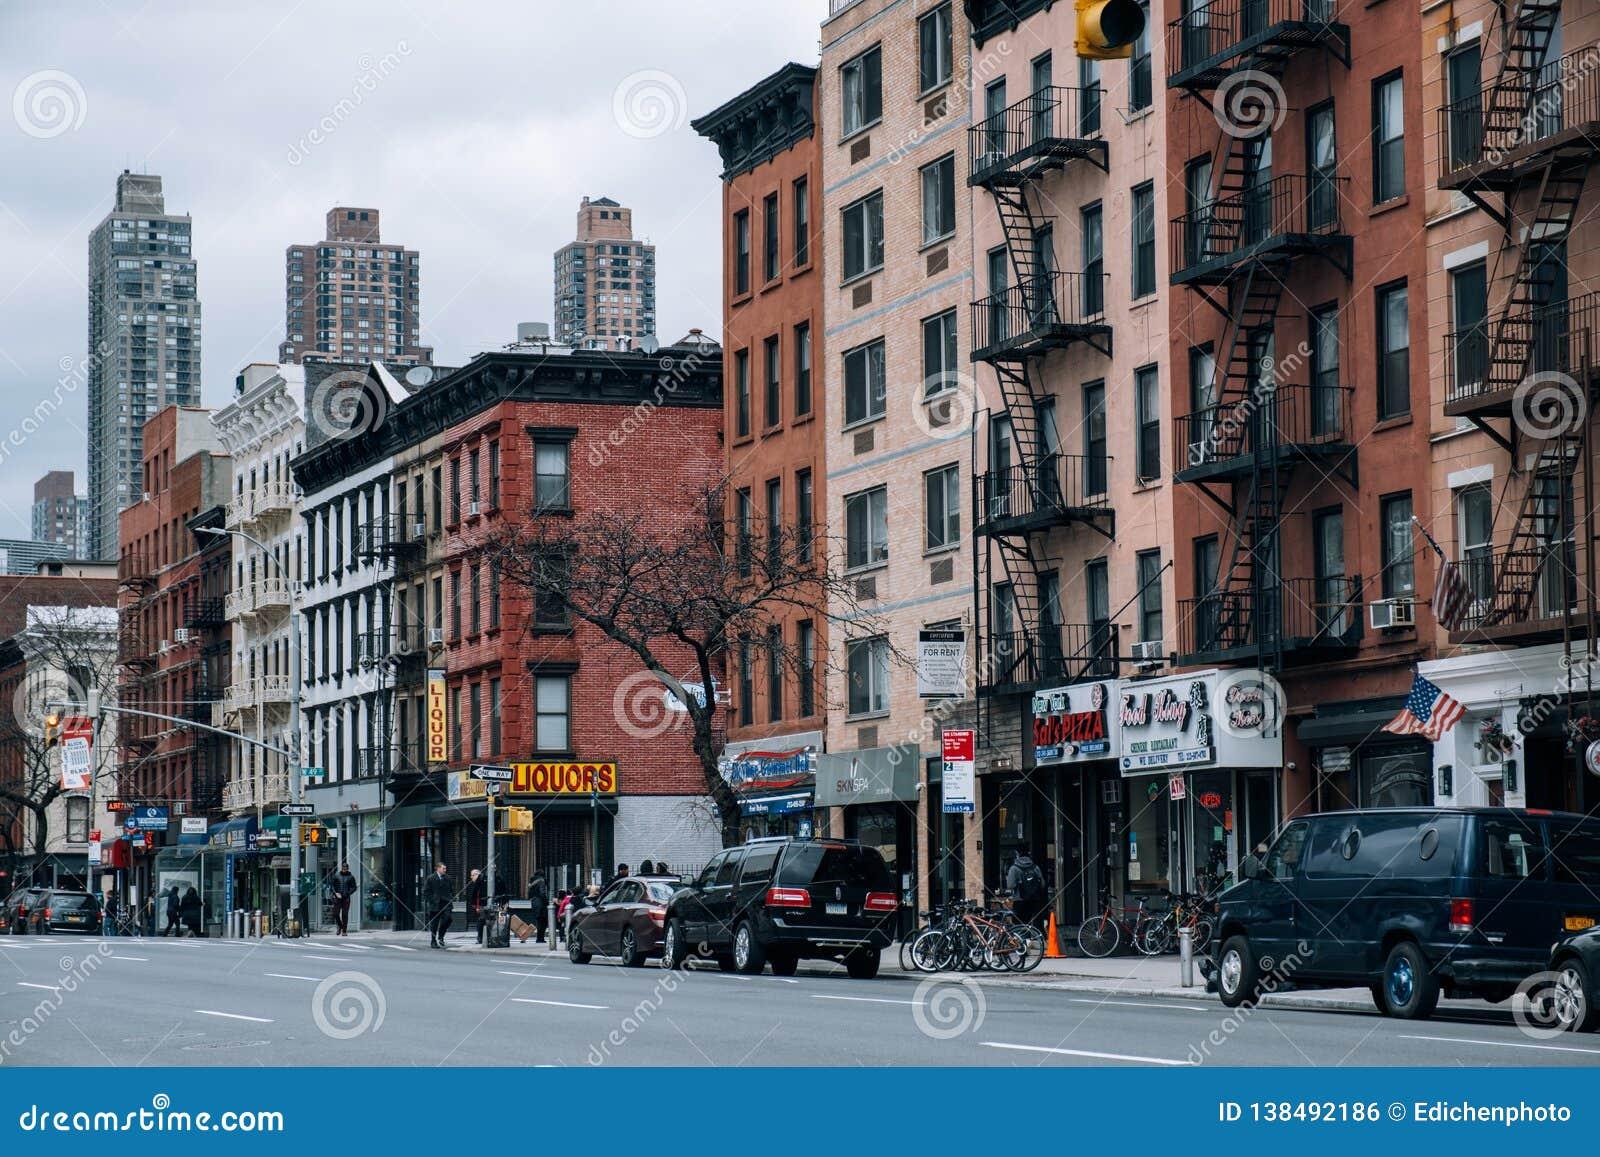 Restaurant, vieux bâtiments, devanture de magasin de scène de rue de cuisine d enfers dans le côté Ouest de Midtown Manhattan